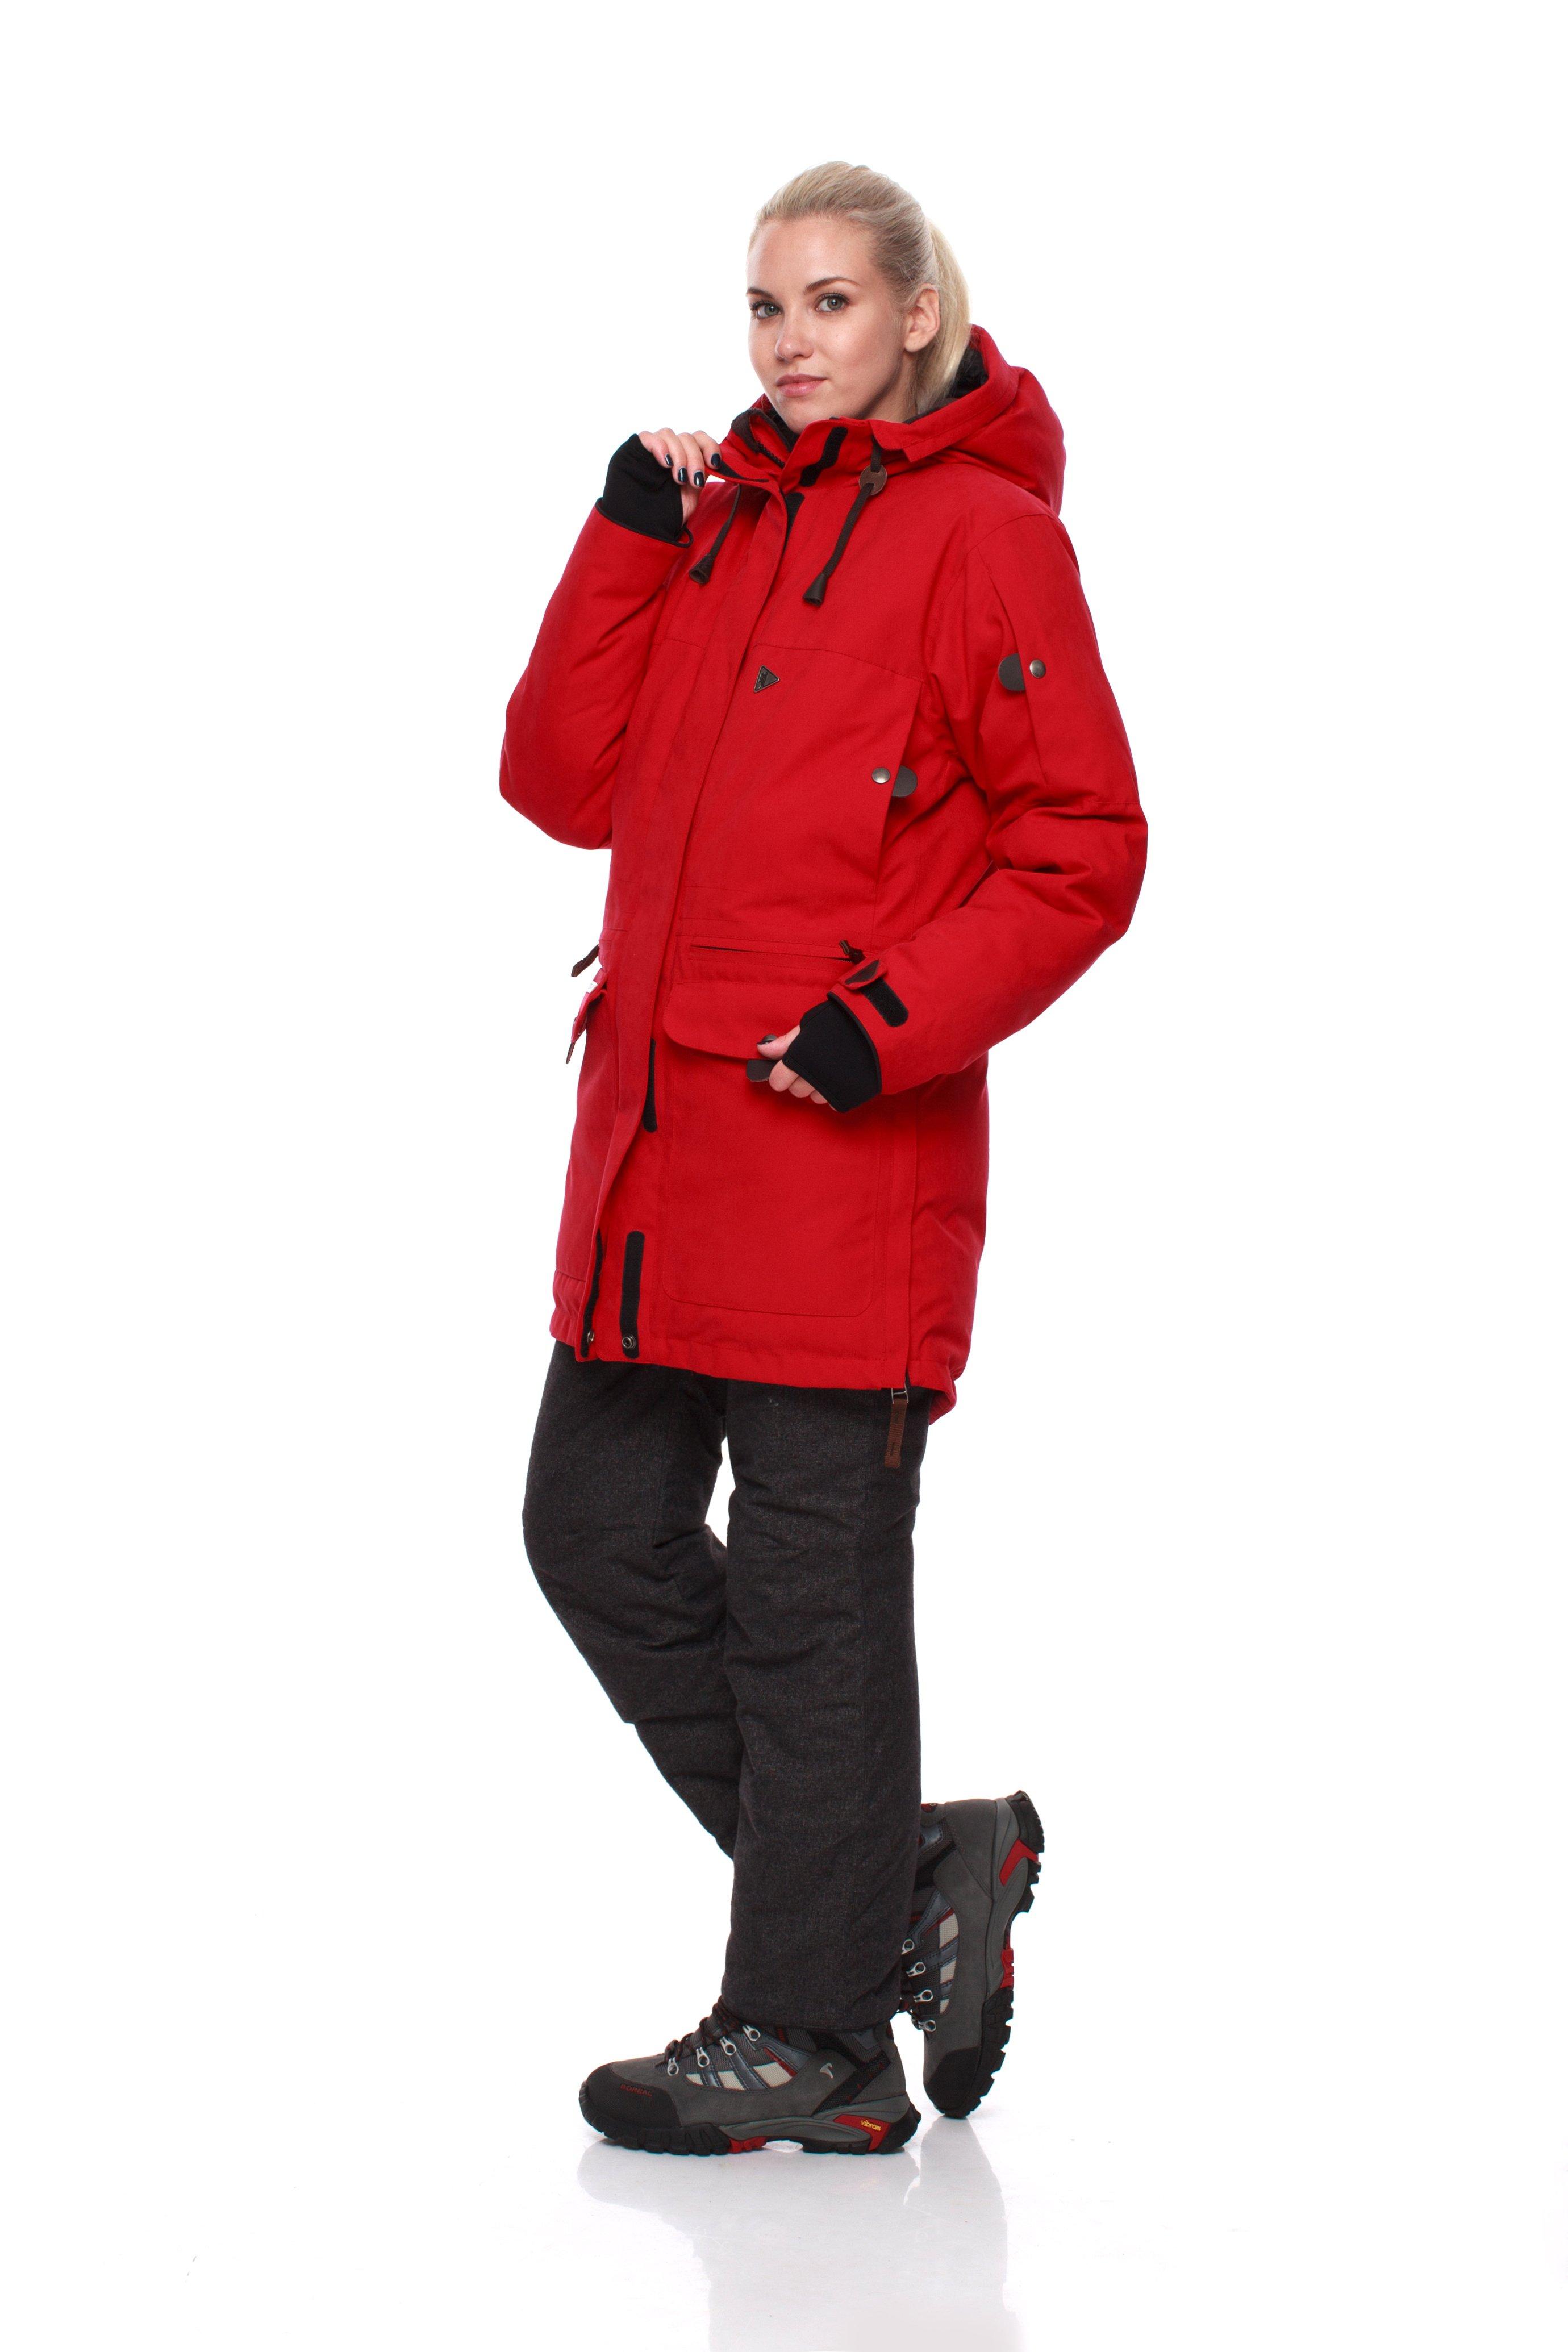 Пуховая куртка BASK IREMEL 3778Куртки<br><br><br>Верхняя ткань: Advance® Alaska<br>Вес граммы: 2150<br>Вес утеплителя: 420<br>Ветро-влагозащитные свойства верхней ткани: Да<br>Ветрозащитная планка: Да<br>Ветрозащитная юбка: Да<br>Влагозащитные молнии: Нет<br>Внутренние манжеты: Да<br>Внутренняя ткань: Advance® Classic<br>Водонепроницаемость: 5000<br>Дублирующий центральную молнию клапан: Да<br>Защитный козырёк капюшона: Нет<br>Капюшон: Несъемный<br>Карман для средств связи: Нет<br>Количество внешних карманов: 8<br>Количество внутренних карманов: 2<br>Мембрана: Да<br>Объемный крой локтевой зоны: Да<br>Отстёгивающиеся рукава: Нет<br>Паропроницаемость: 5000<br>Показатель Fill Power (для пуховых изделий): 650<br>Пол: Женский<br>Проклейка швов: Нет<br>Регулировка манжетов рукавов: Да<br>Регулировка низа: Нет<br>Регулировка объёма капюшона: Да<br>Регулировка талии: Да<br>Регулируемые вентиляционные отверстия: Нет<br>Световозвращающая лента: Нет<br>Температурный режим: -30<br>Технология Thermal Welding: Нет<br>Технология швов: Простые<br>Тип молнии: Двухзамковая<br>Тип утеплителя: Натуральный<br>Ткань усиления: нет<br>Усиление контактных зон: Нет<br>Утеплитель: Гусиный пух